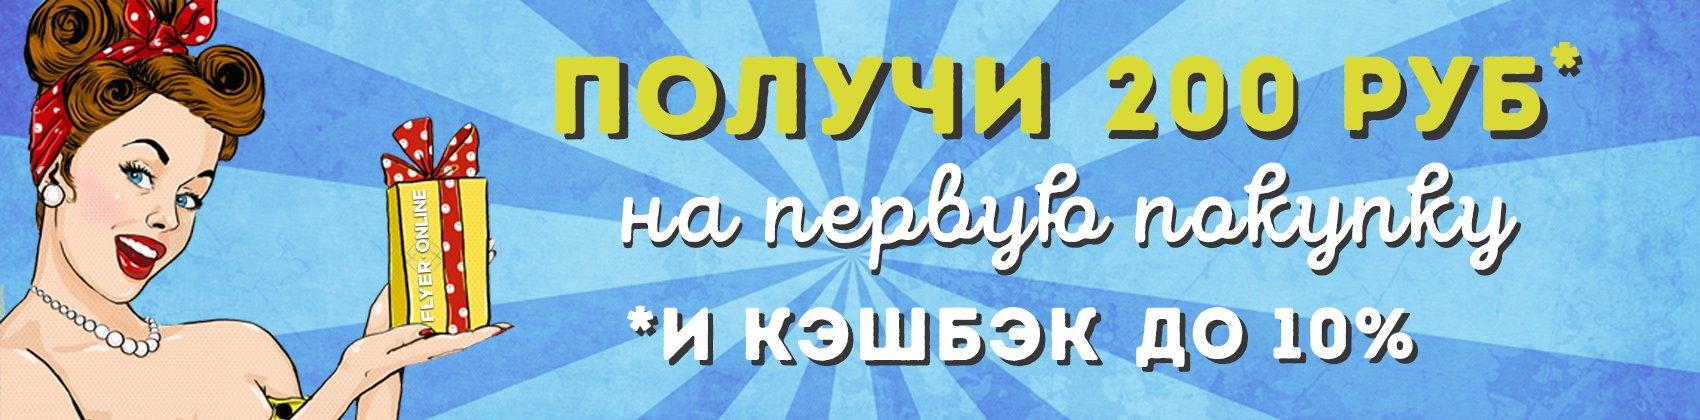 Получи 200 рублей за регистрацию и кэшбэк до 10%